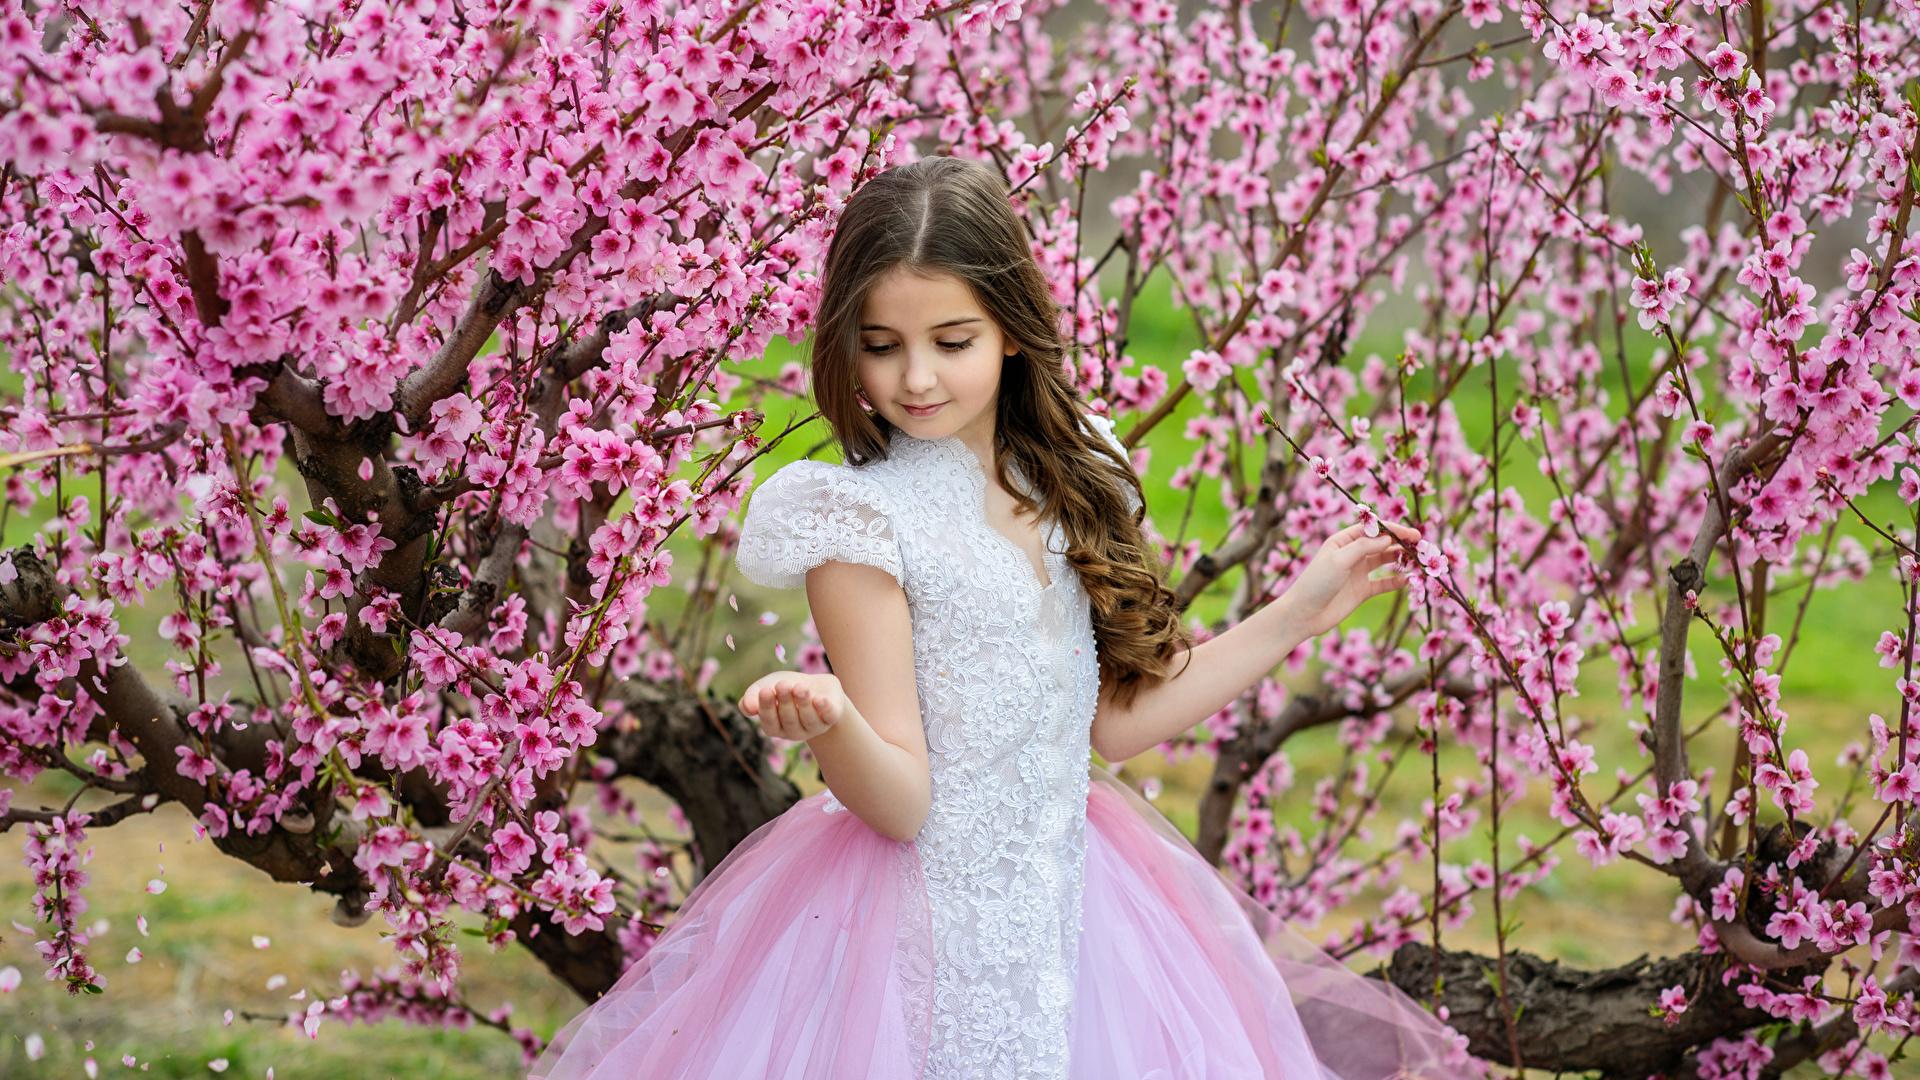 Фото Девочки ребёнок весенние Платье Цветущие деревья 1920x1080 девочка Дети Весна платья